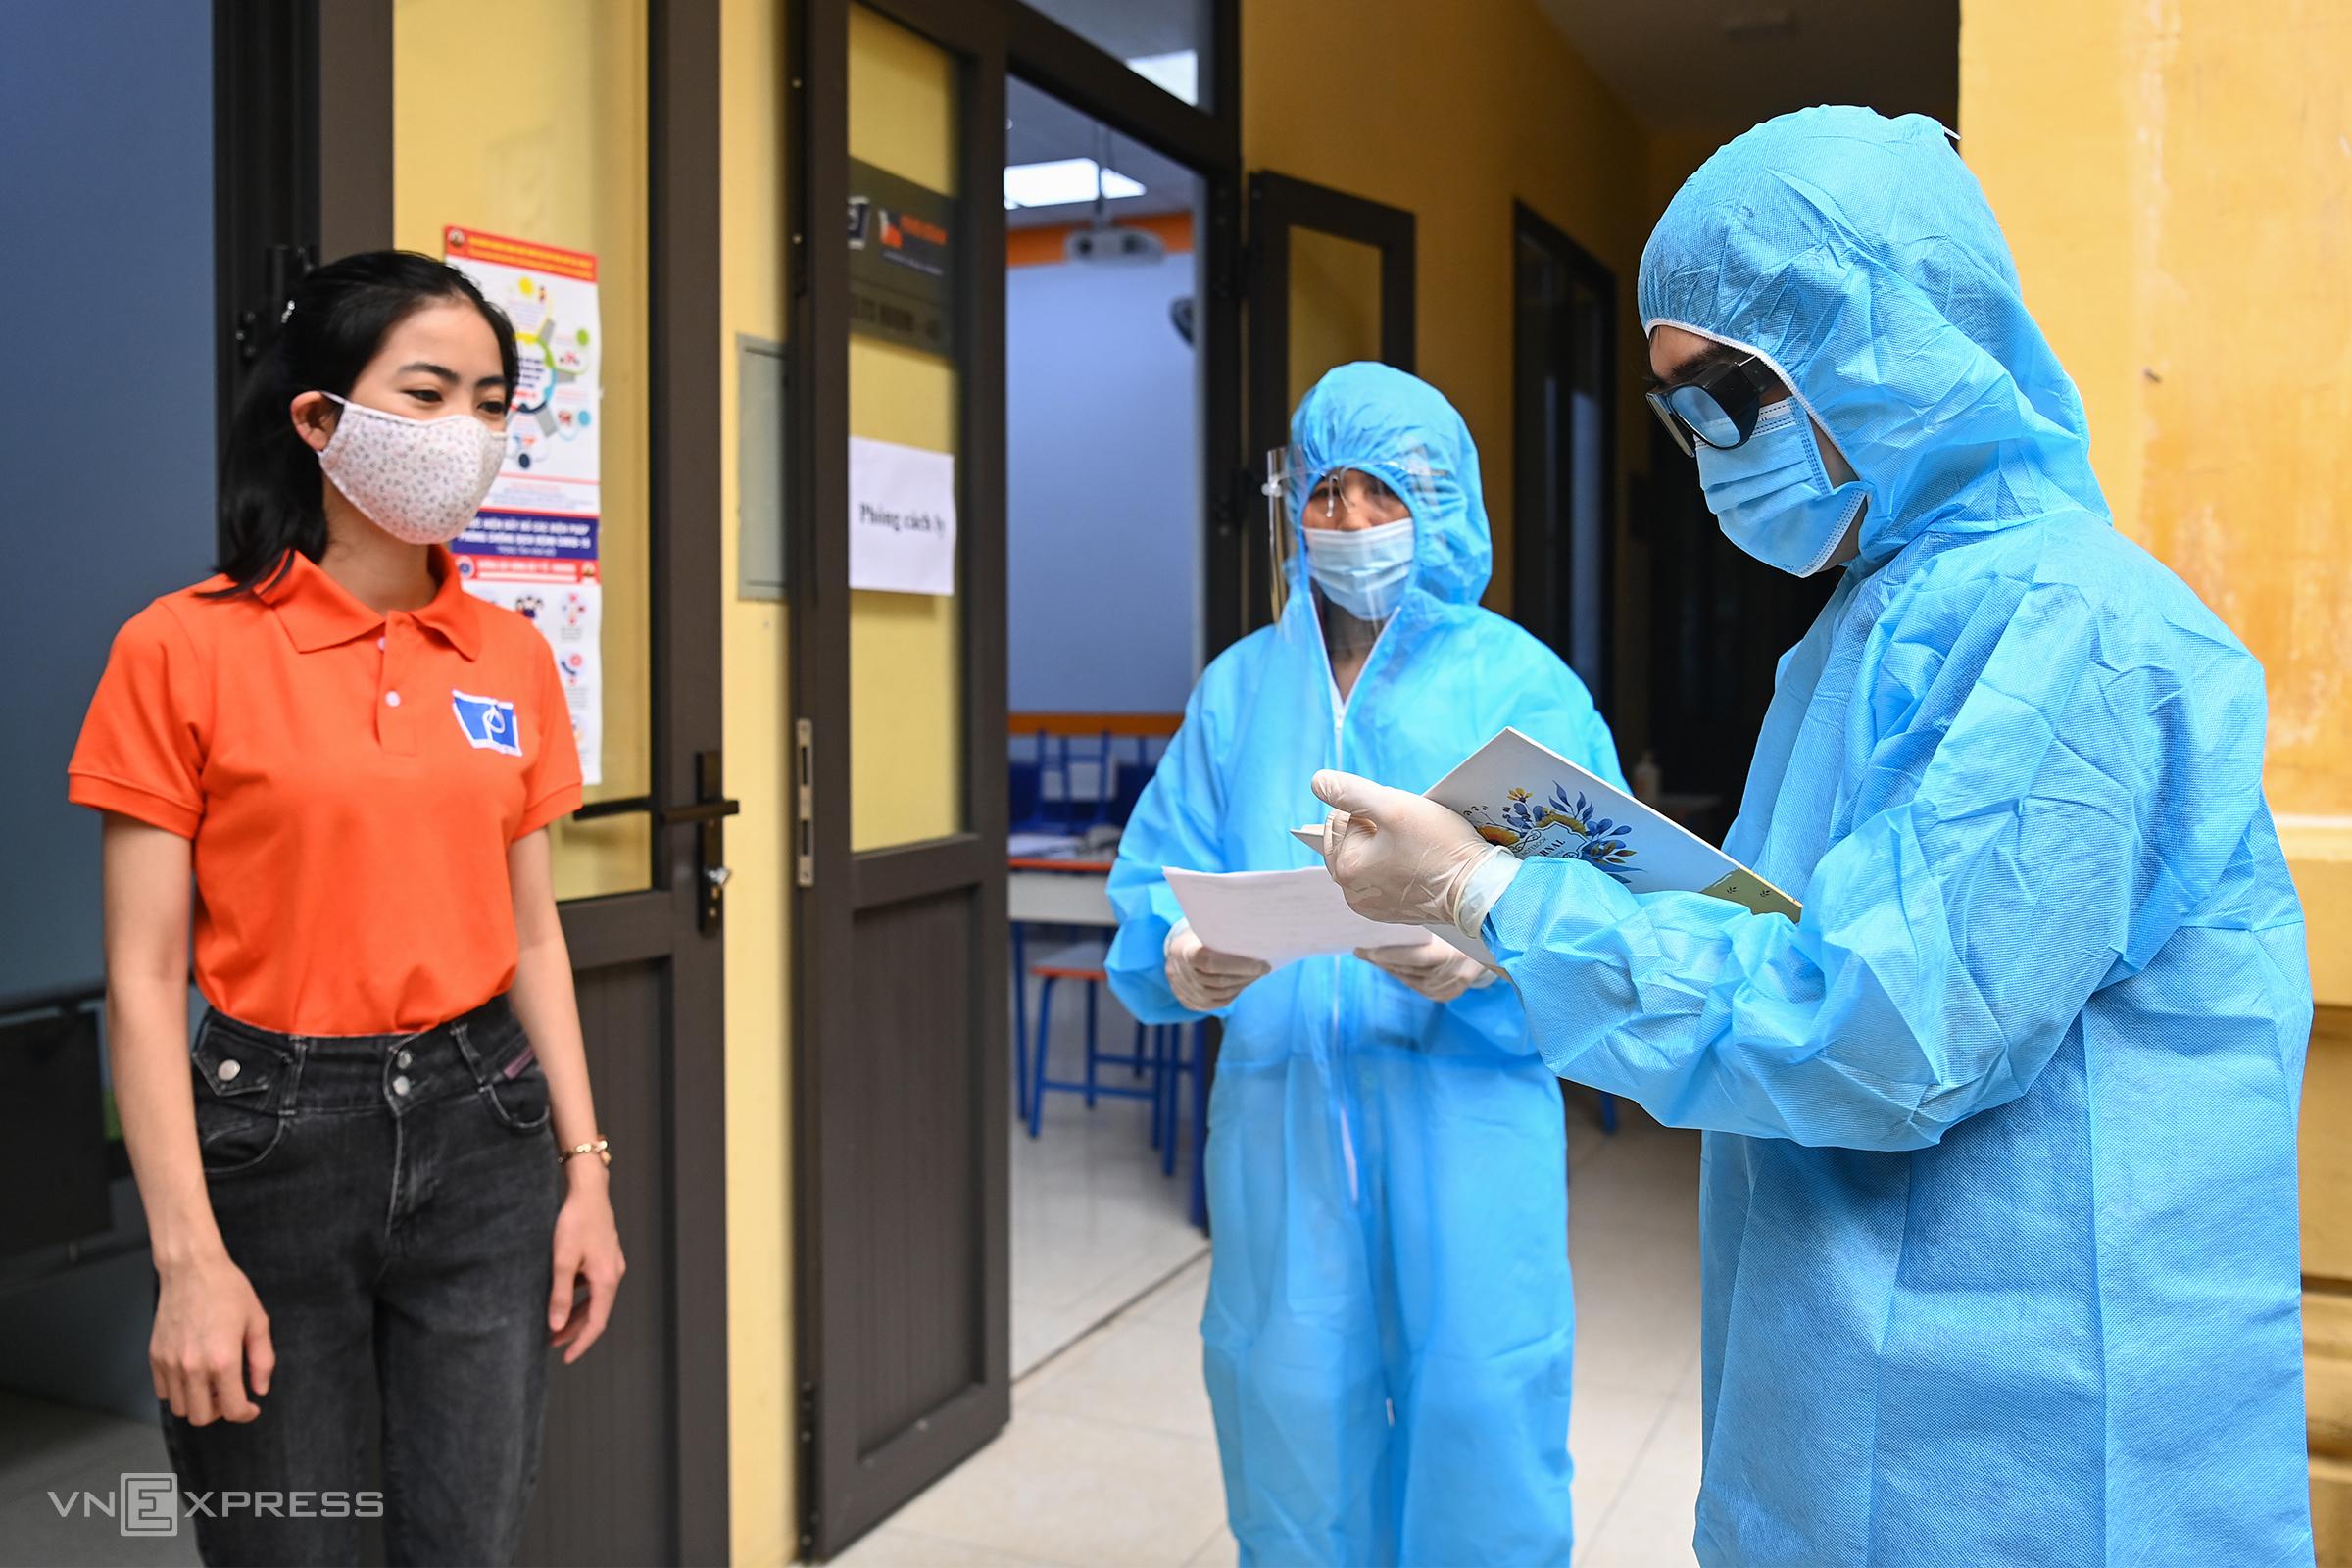 Diễn tập phương án phòng, chống dịch Covid-19 tại Trường PTTH Phan Đình Phùng, Ba Đình, Hà Nội, ngày 8/6. Ảnh: Giang Huy.